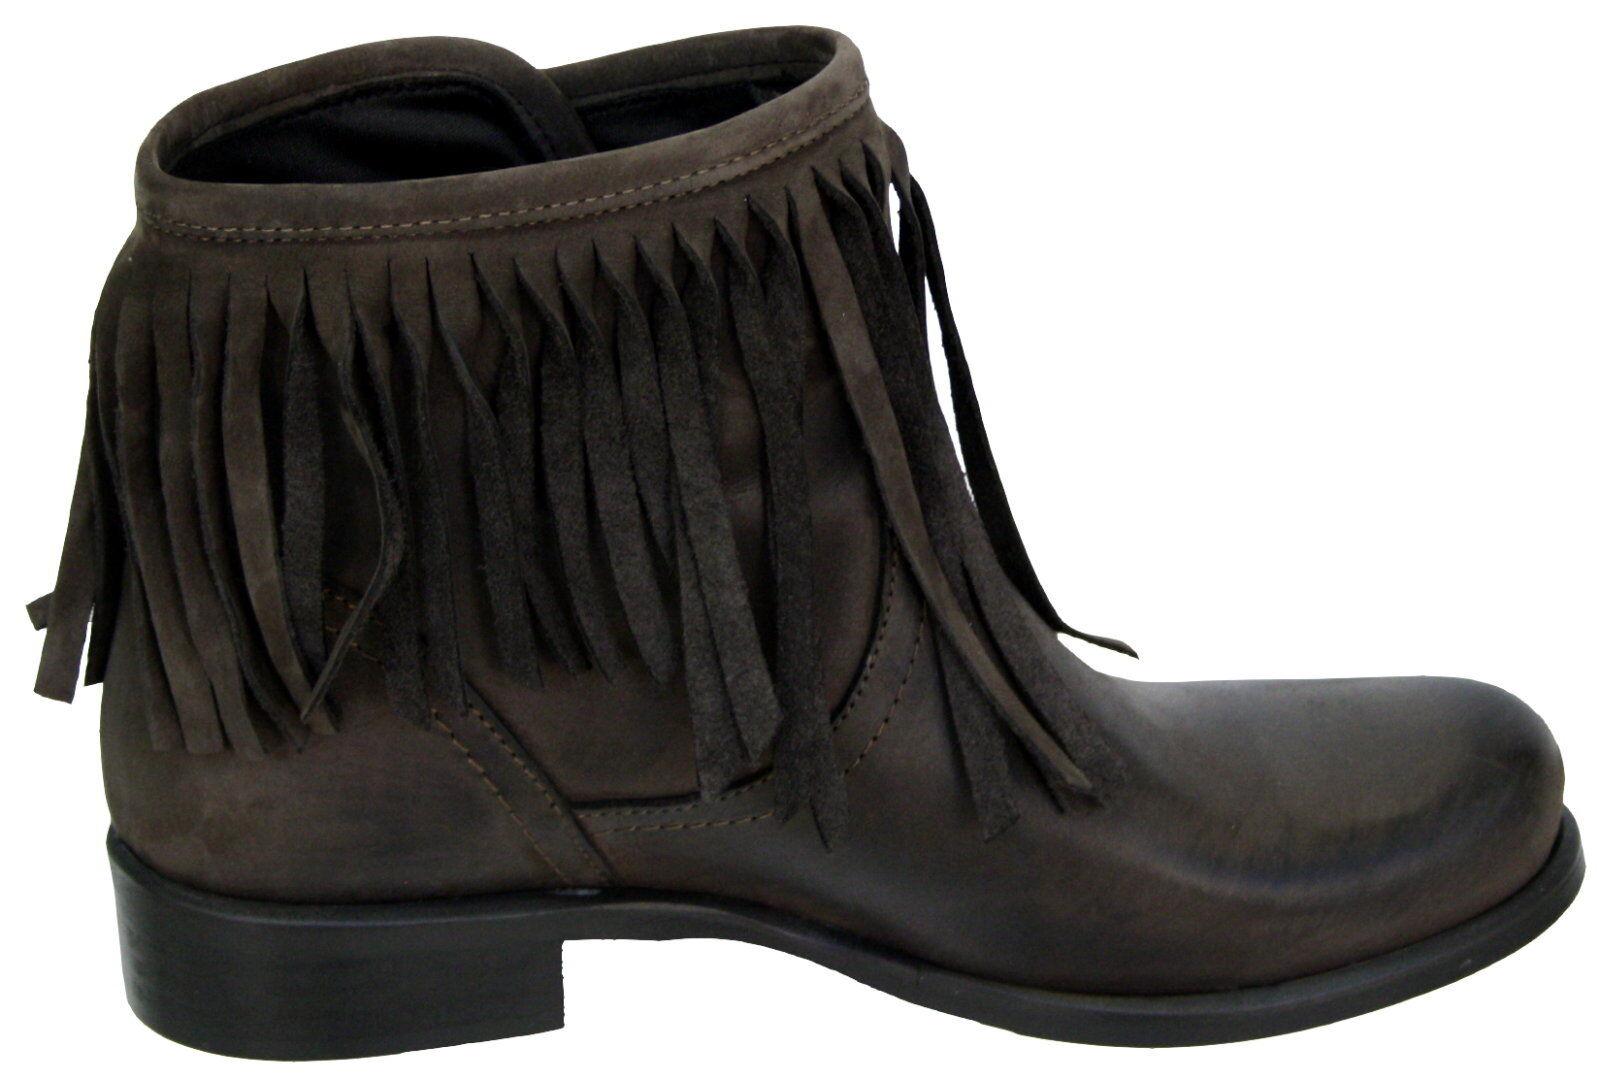 377 Damen Leder Stiefeletten schwarz mit Fransen Model kurz Druckknöpfe schwarz Stiefeletten braun 8365cf